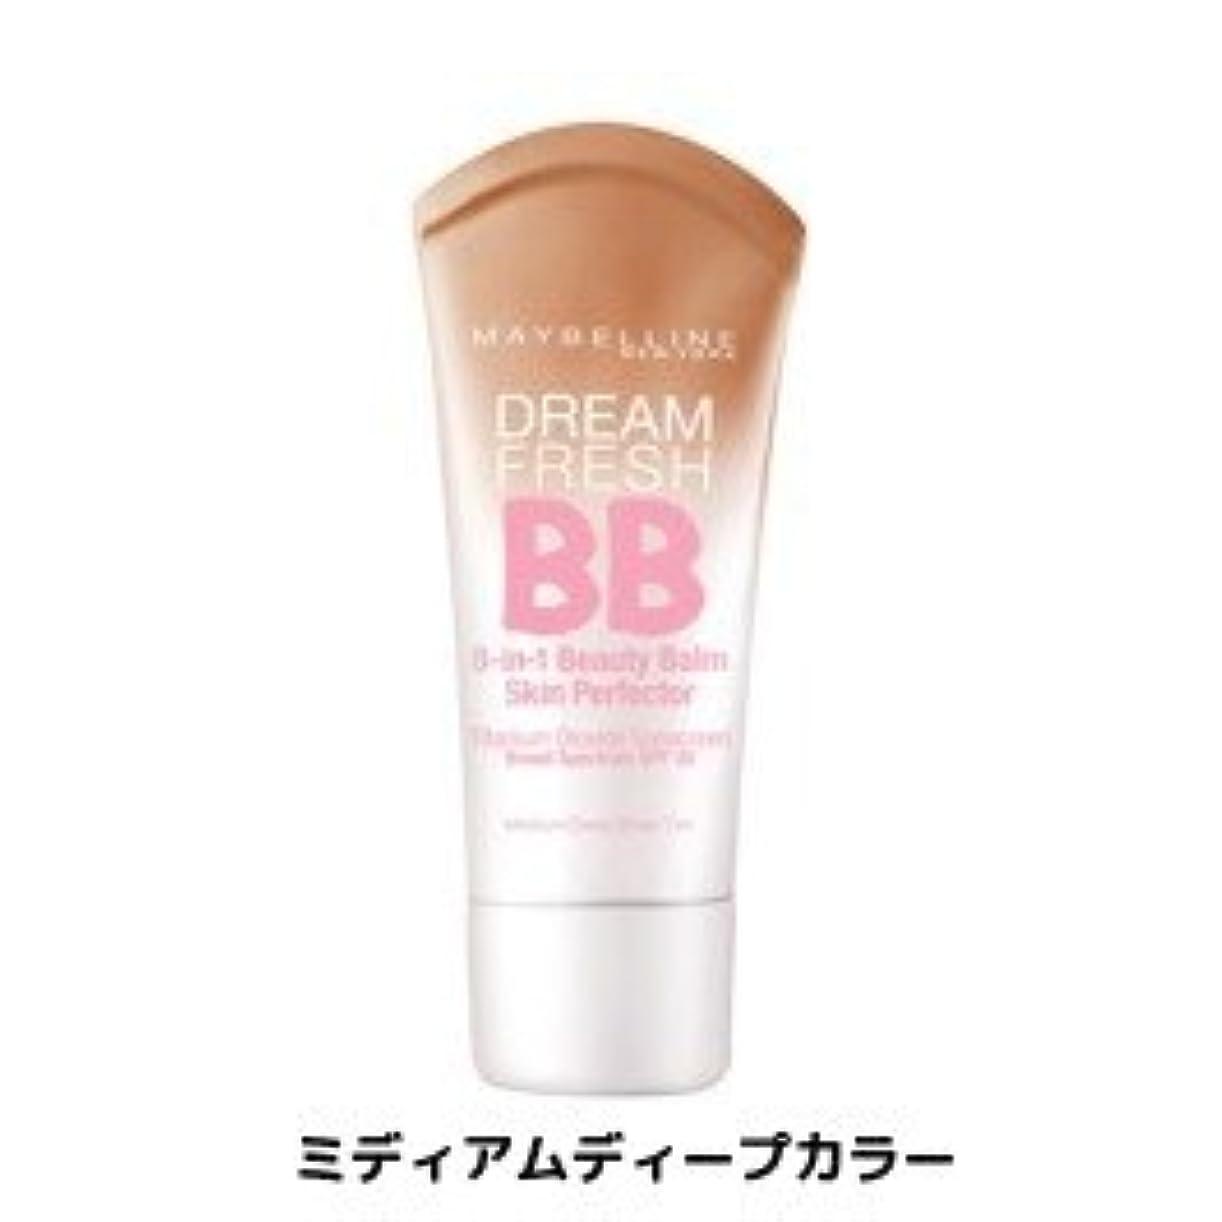 流行しているメール考古学的なメイベリン BBクリーム  SPF 30*Maybelline Dream Fresh BB Cream 30ml【平行輸入品】 (ミディアムディープカラー)